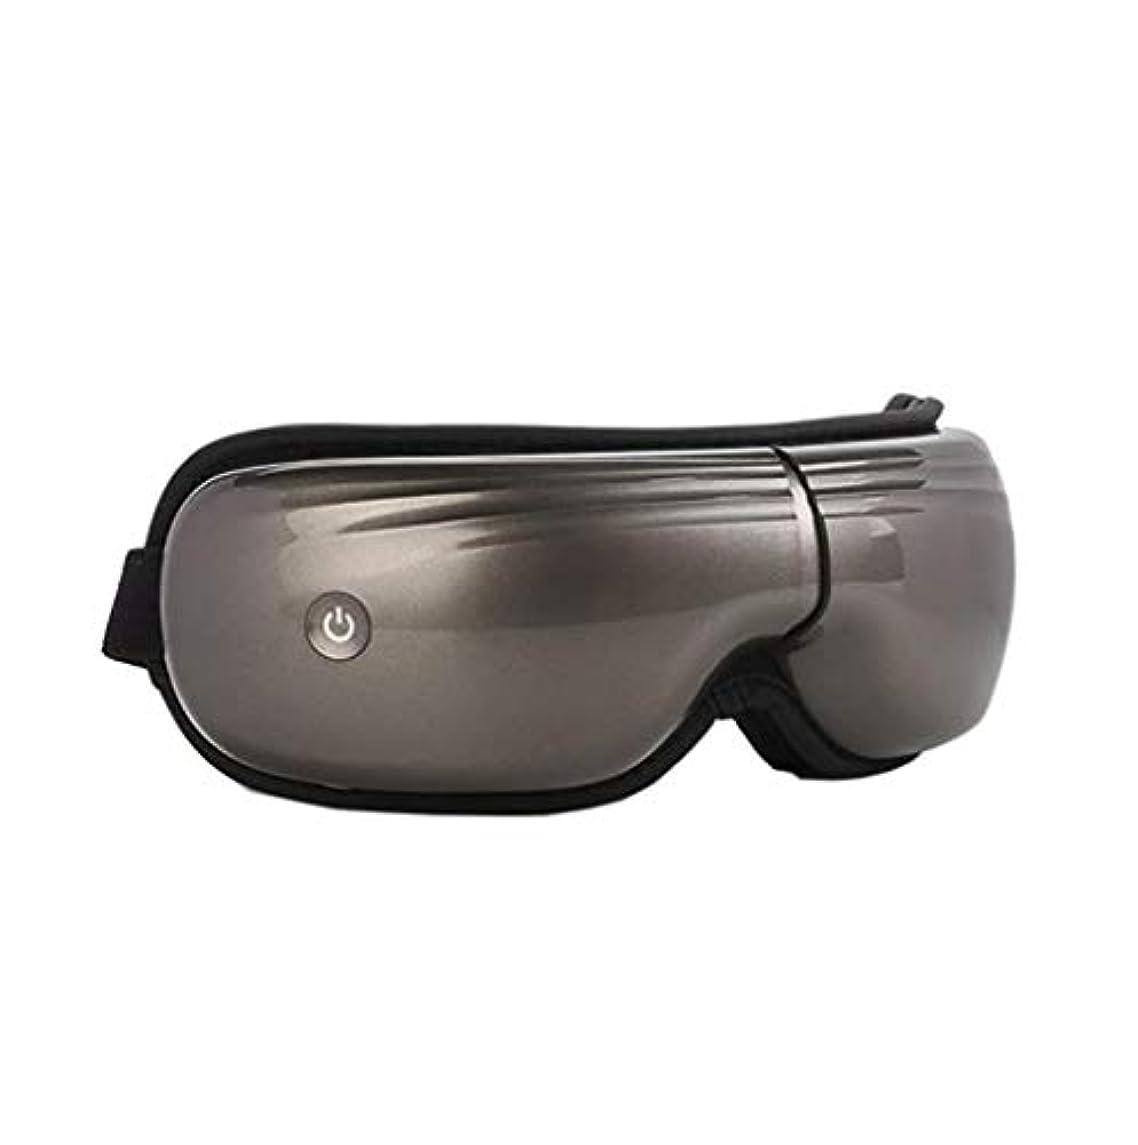 費やす矢じりクモマッサージアイマスク、5つの調整可能なマッサージモードを備えた振動式ワイヤレスアイマッサージャー、なだめるような音楽、アイリラクシングアイバッグとダークサークル、目の疲れを和らげる (Color : Grey)